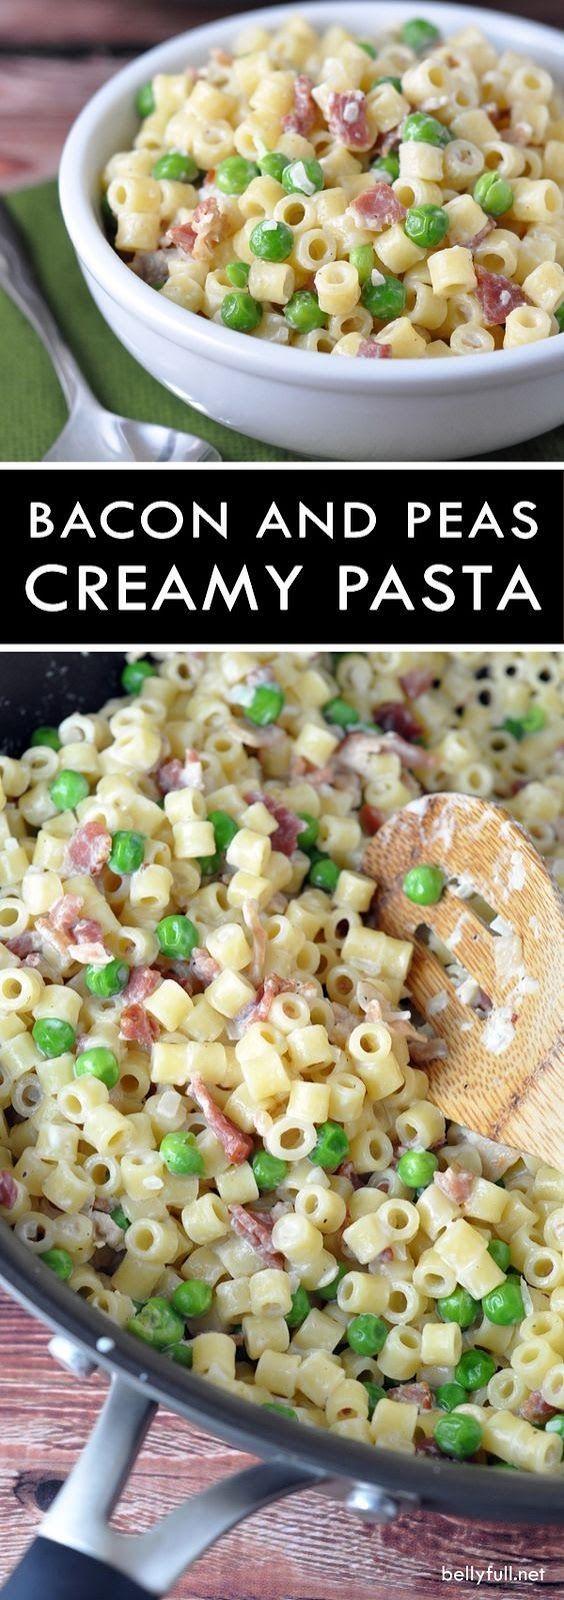 Pasta cremosa con tocino y guisantes   – Food